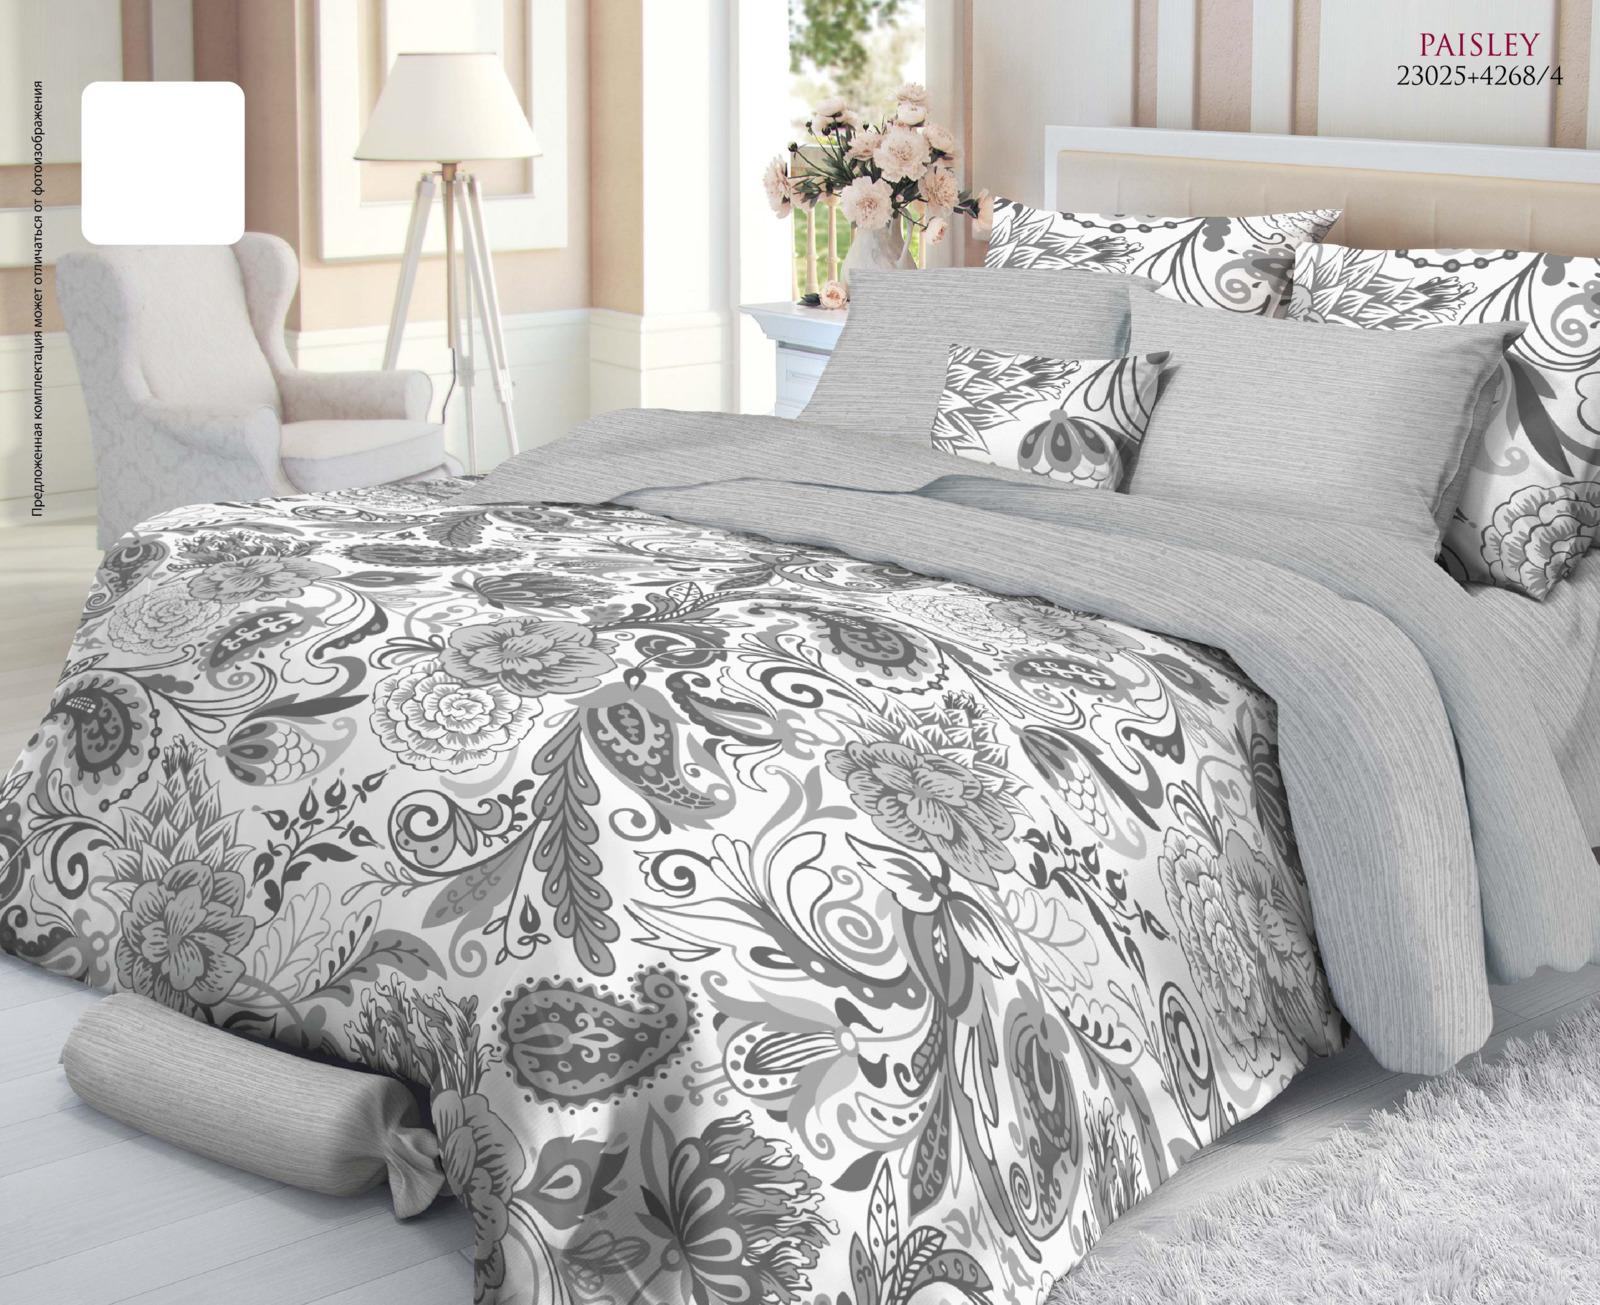 Комплект белья Verossa Paisley, 2-спальный, наволочки 70x70